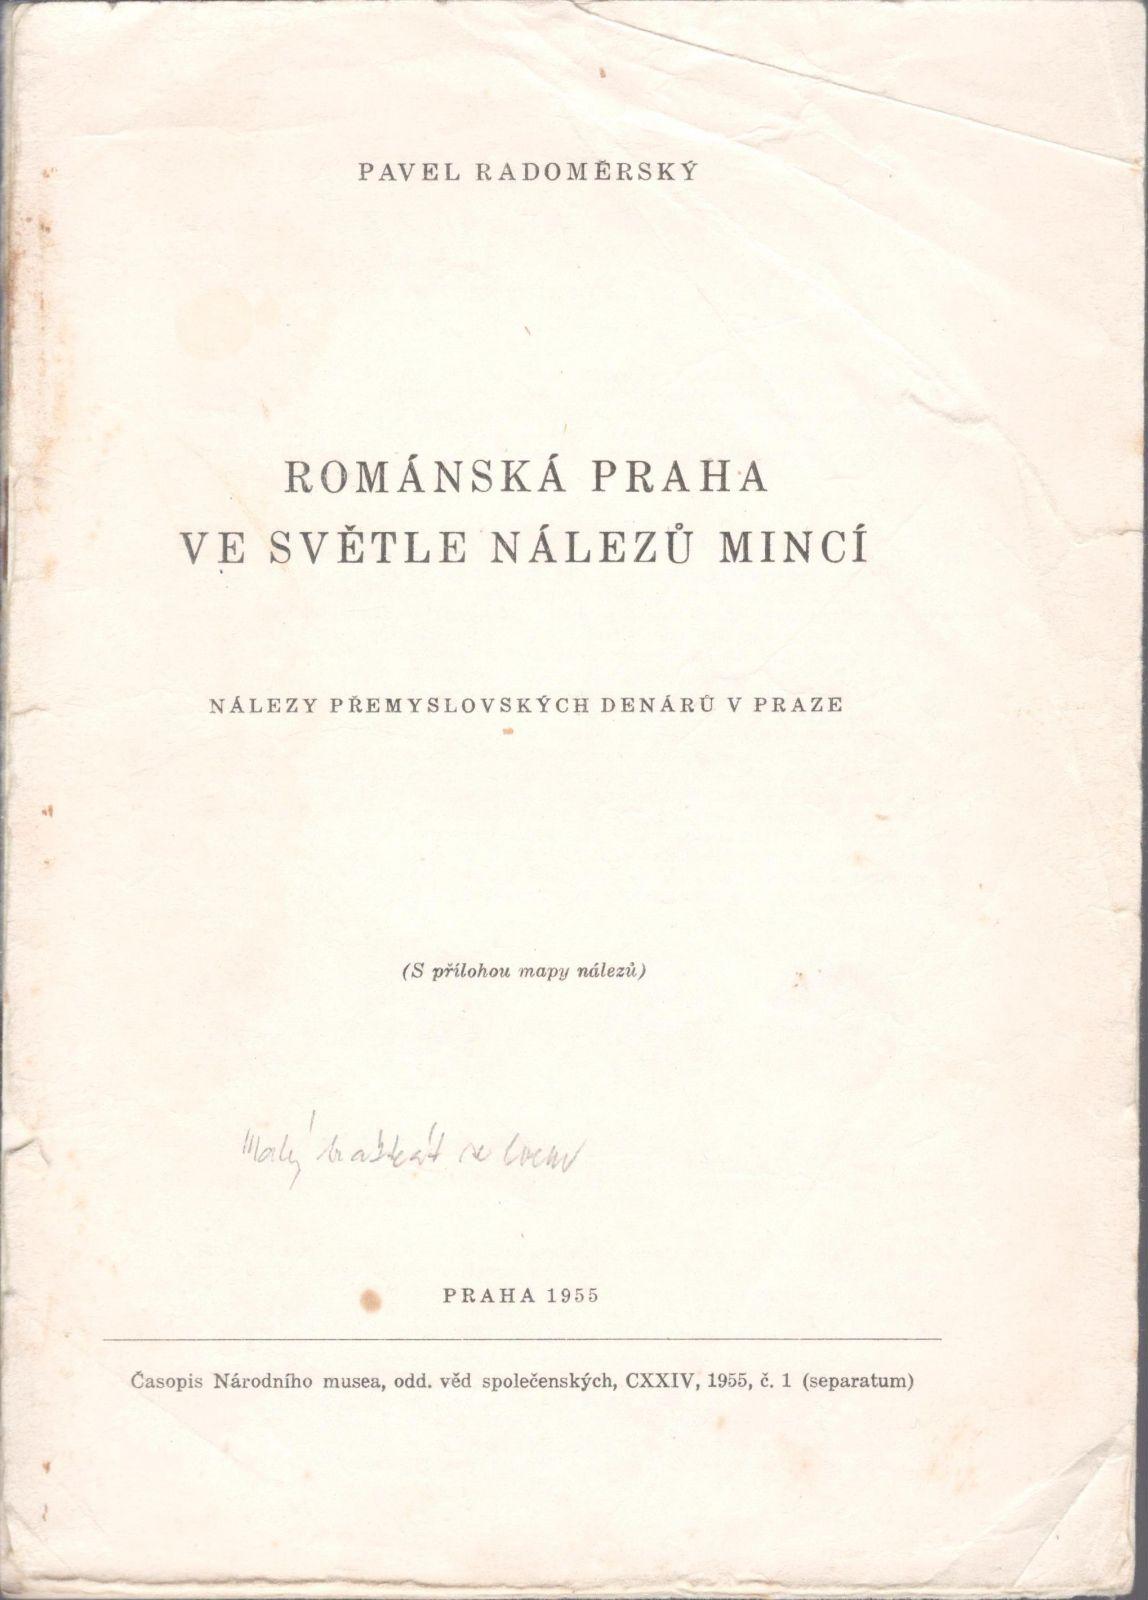 Románská Praha ve světle nálezů mincí (1955), P.Radoměřský